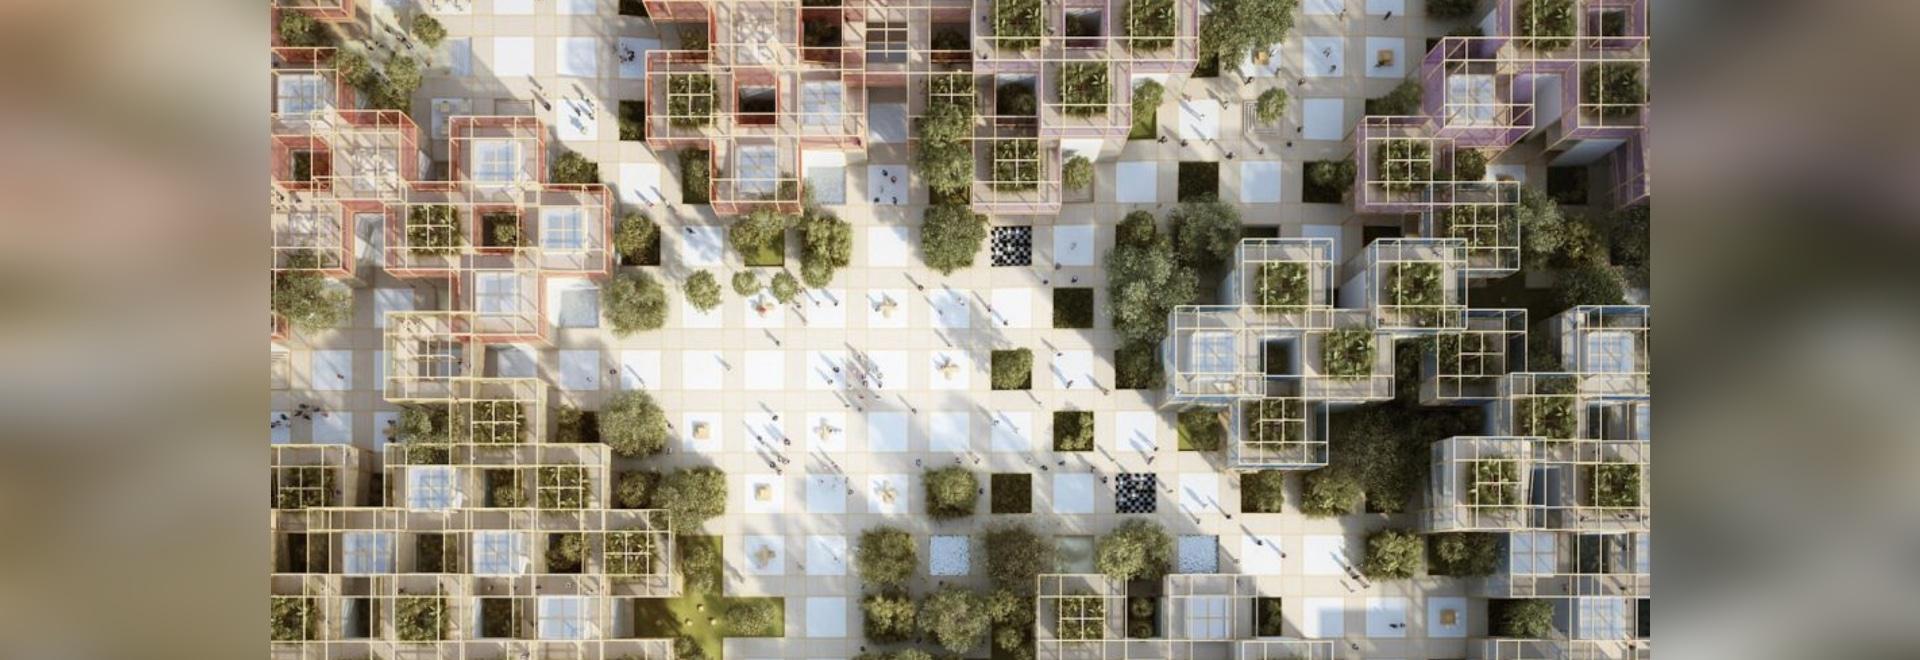 Penda rivela «del il villaggio» ripieno di natura temporaneo per l'Expo orticola di Pechino